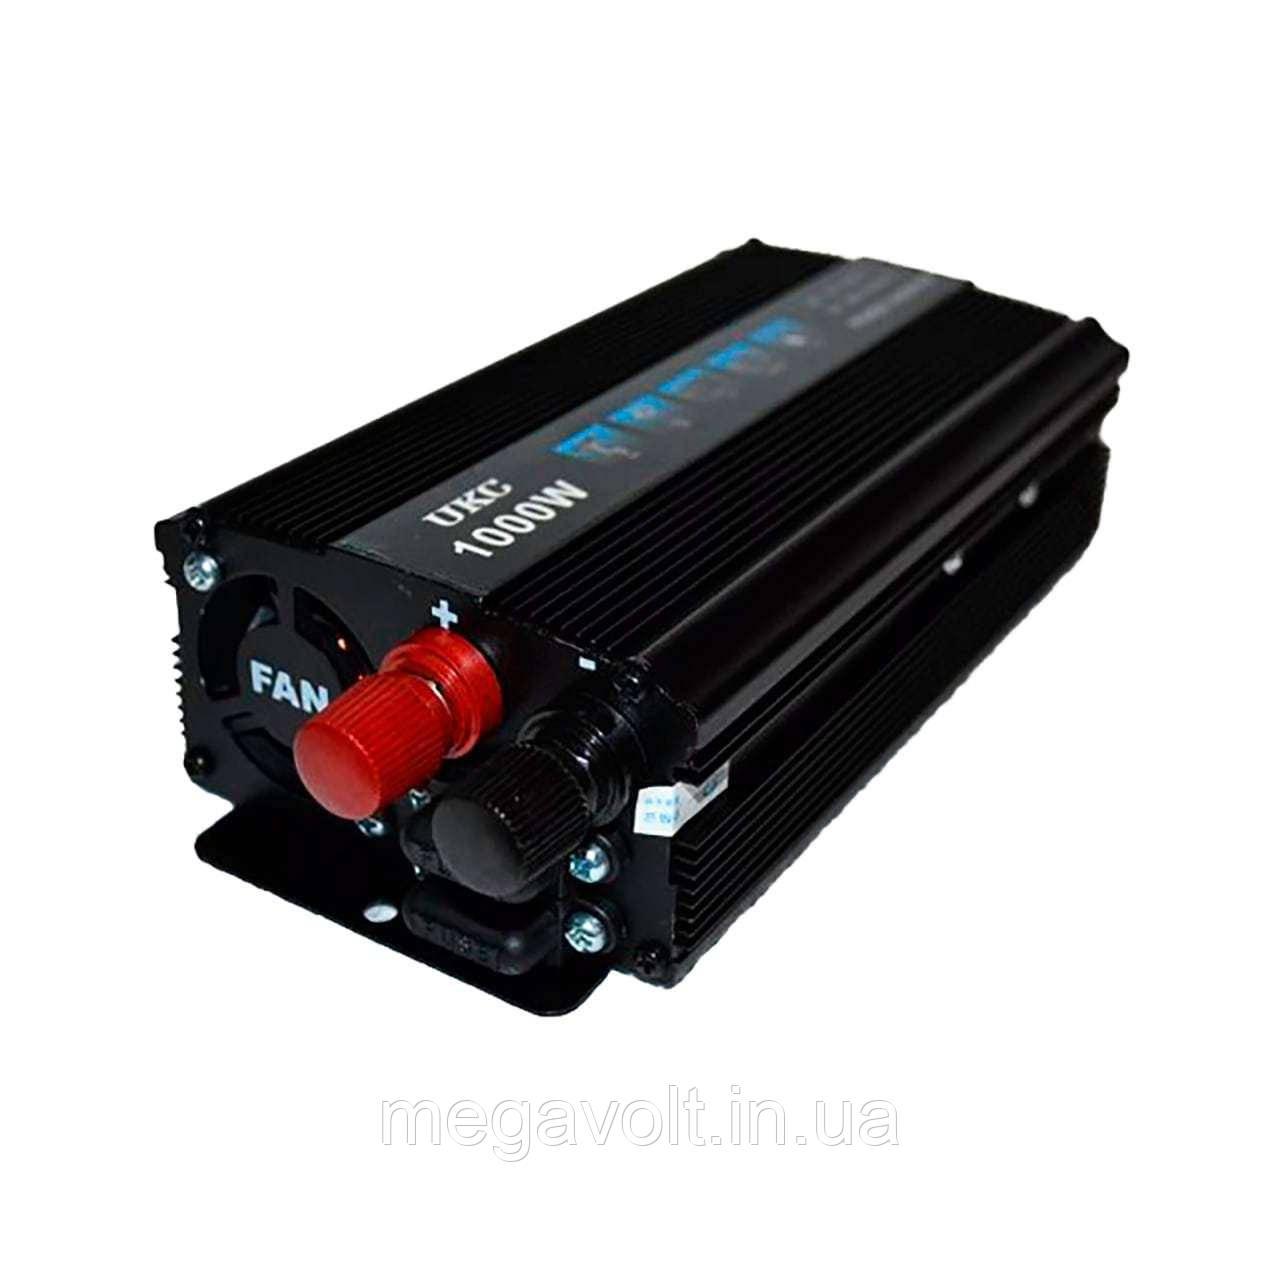 Инвертор. Преобразователь напряжения 12v-220v 1000W UKC